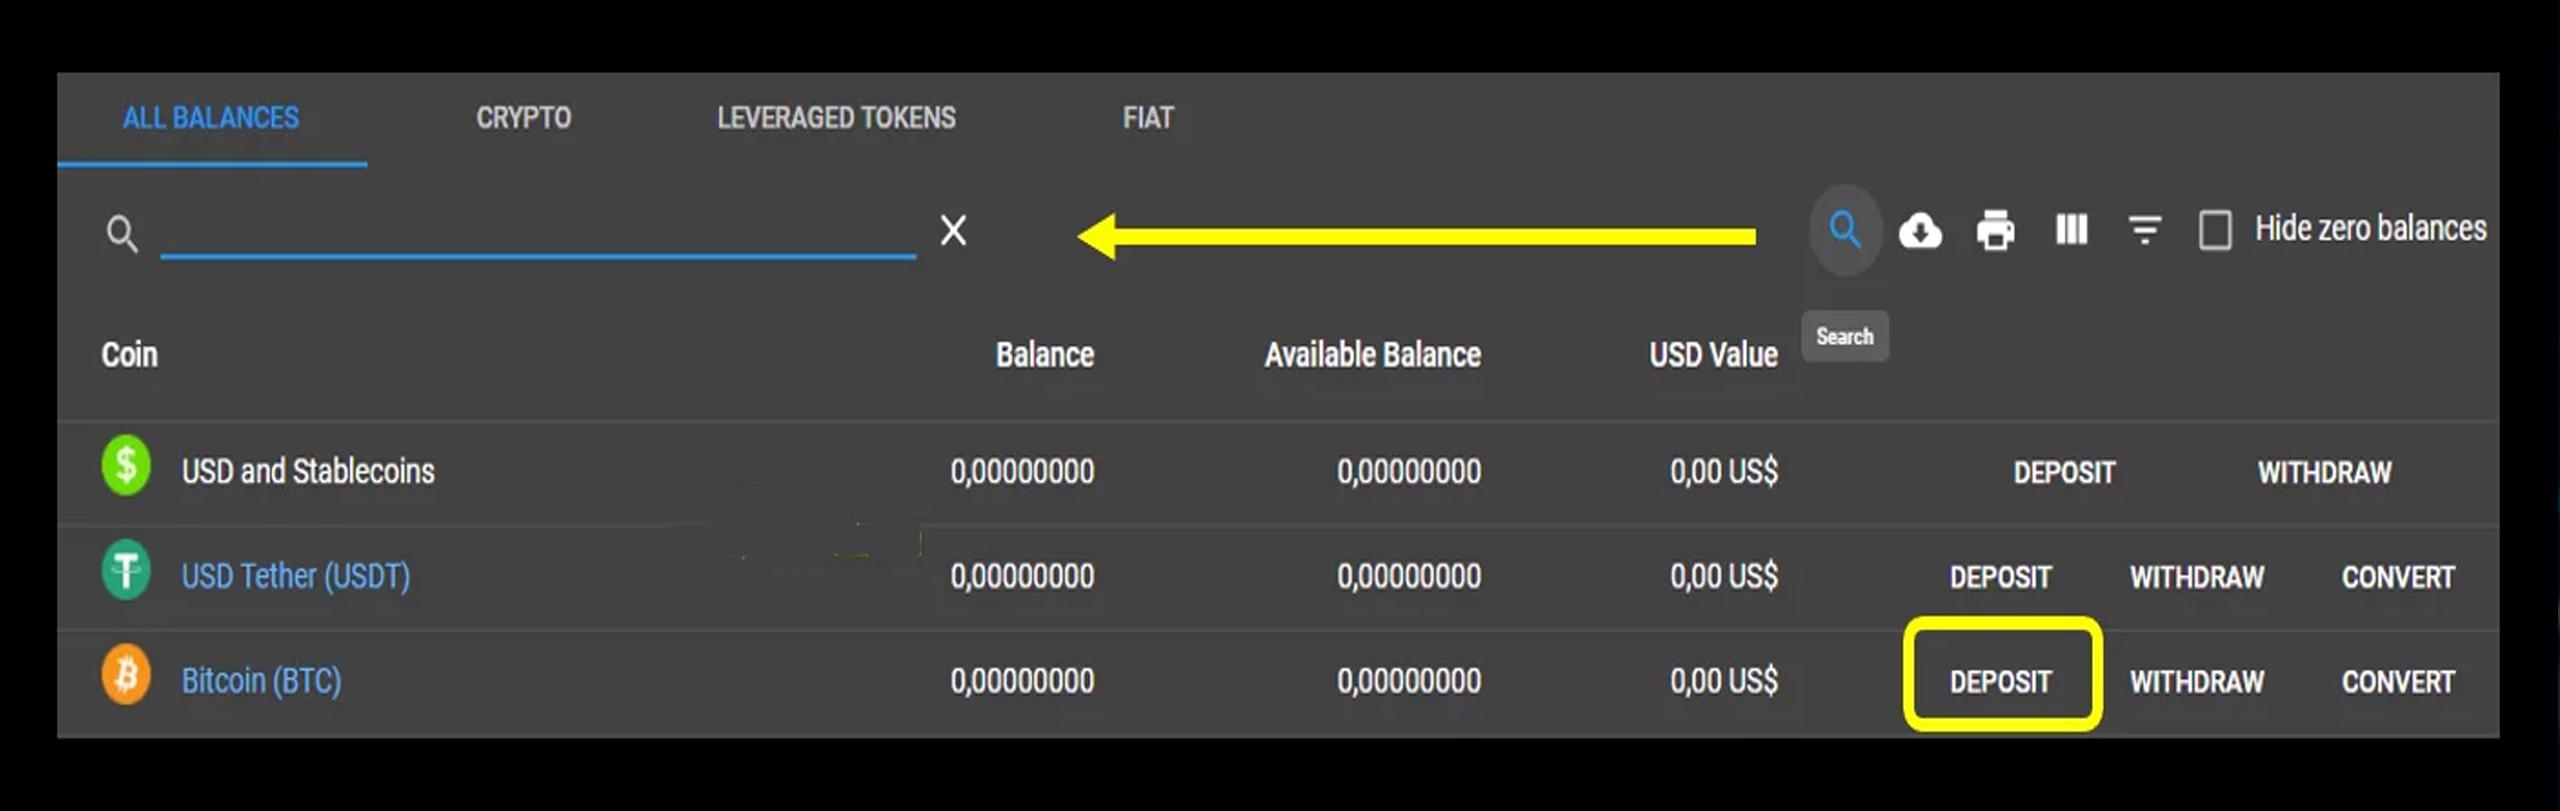 Bạn chọn Deposit của Bitcoin